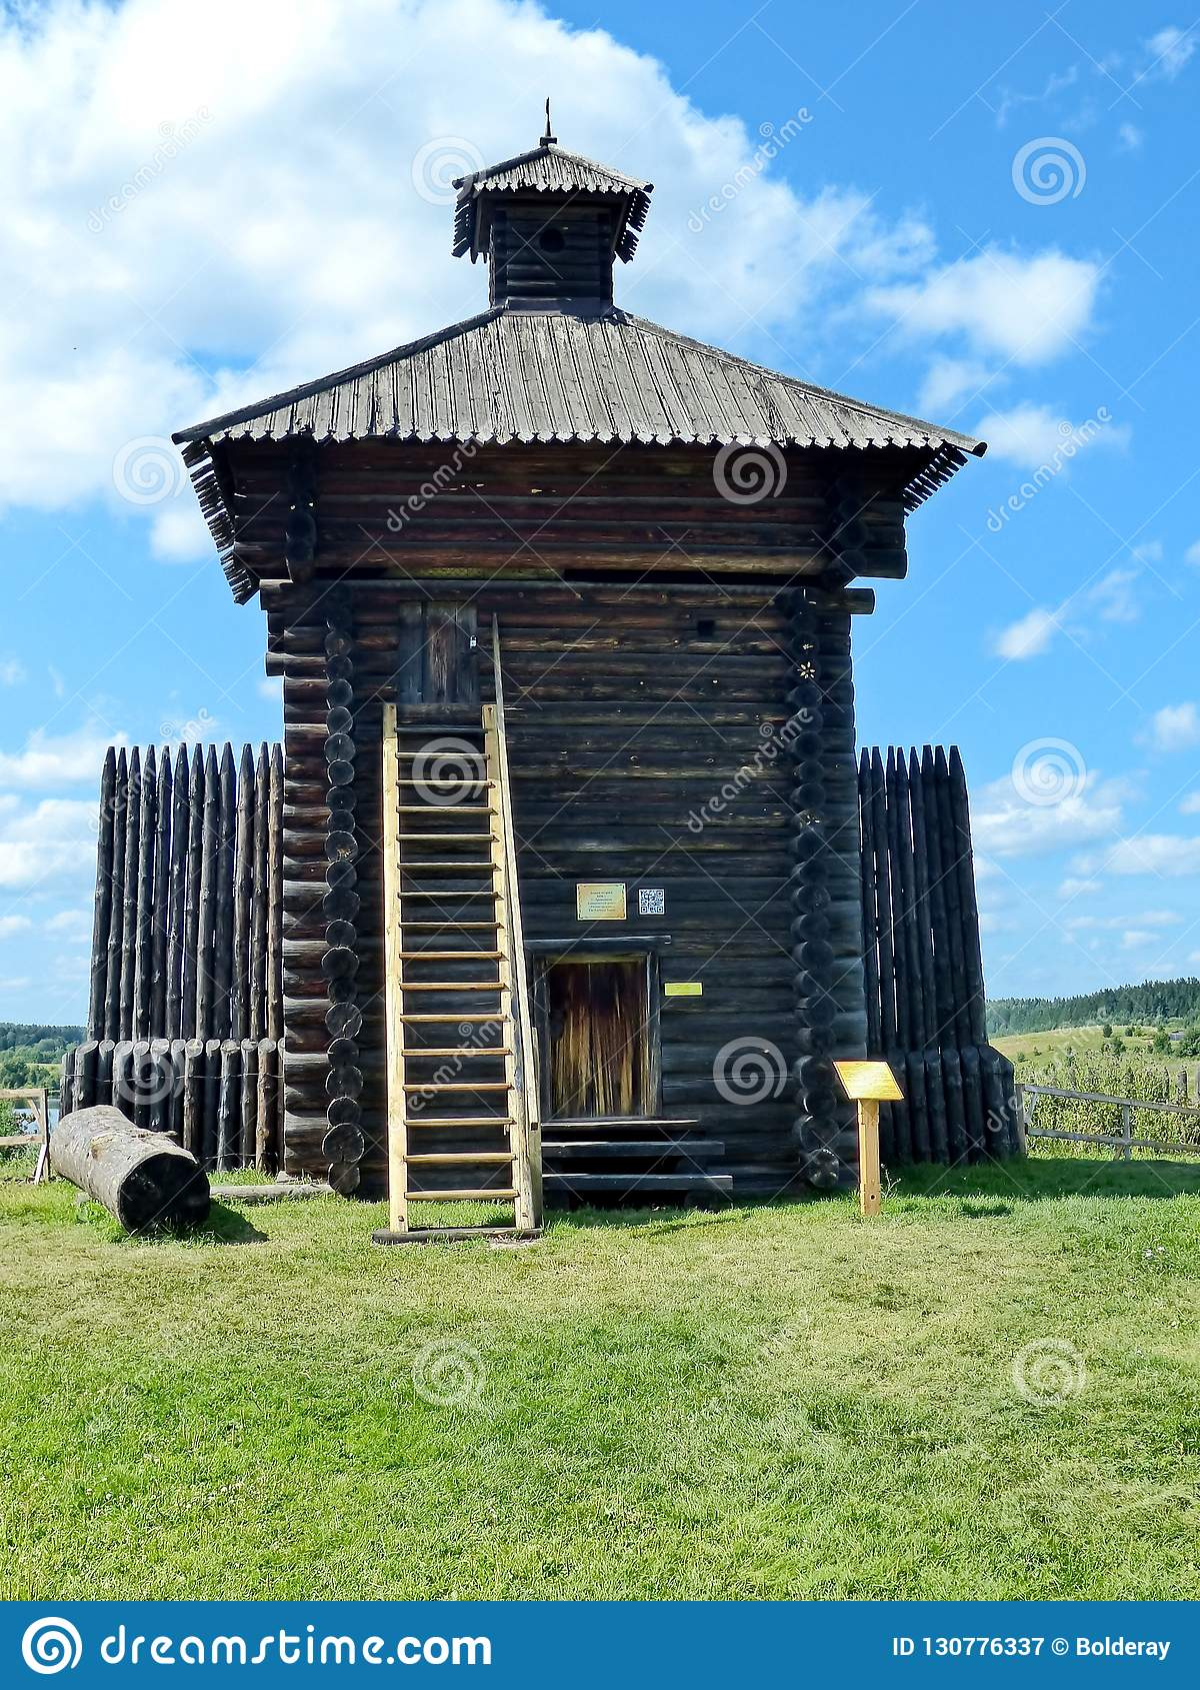 Столетие 1656 Xvii-th башни крепости с частью загородки походит русская деревянная крепость